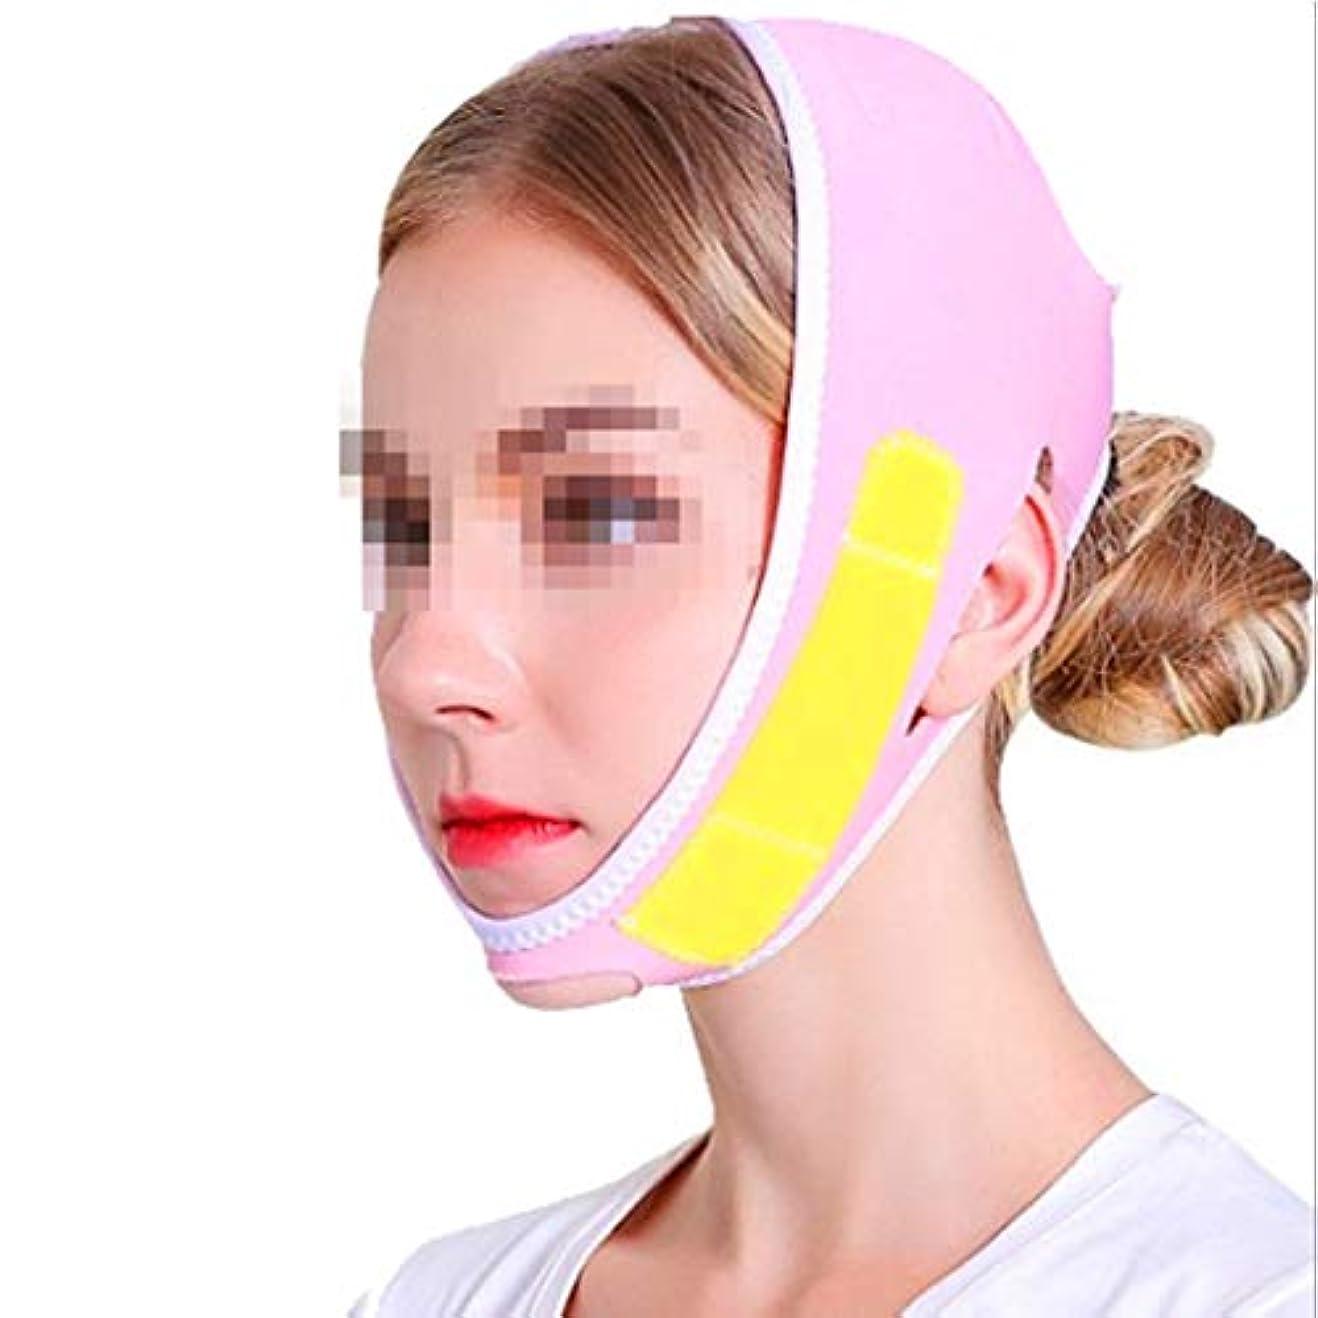 思い出させる優雅戦闘XHLMRMJ フェイスリフトマスク、Vフェイスフェイシャルリフティングおよび締め付けをローラインマッサージ師ダブルチン美容整形包帯マルチカラーオプション (Color : Pink)